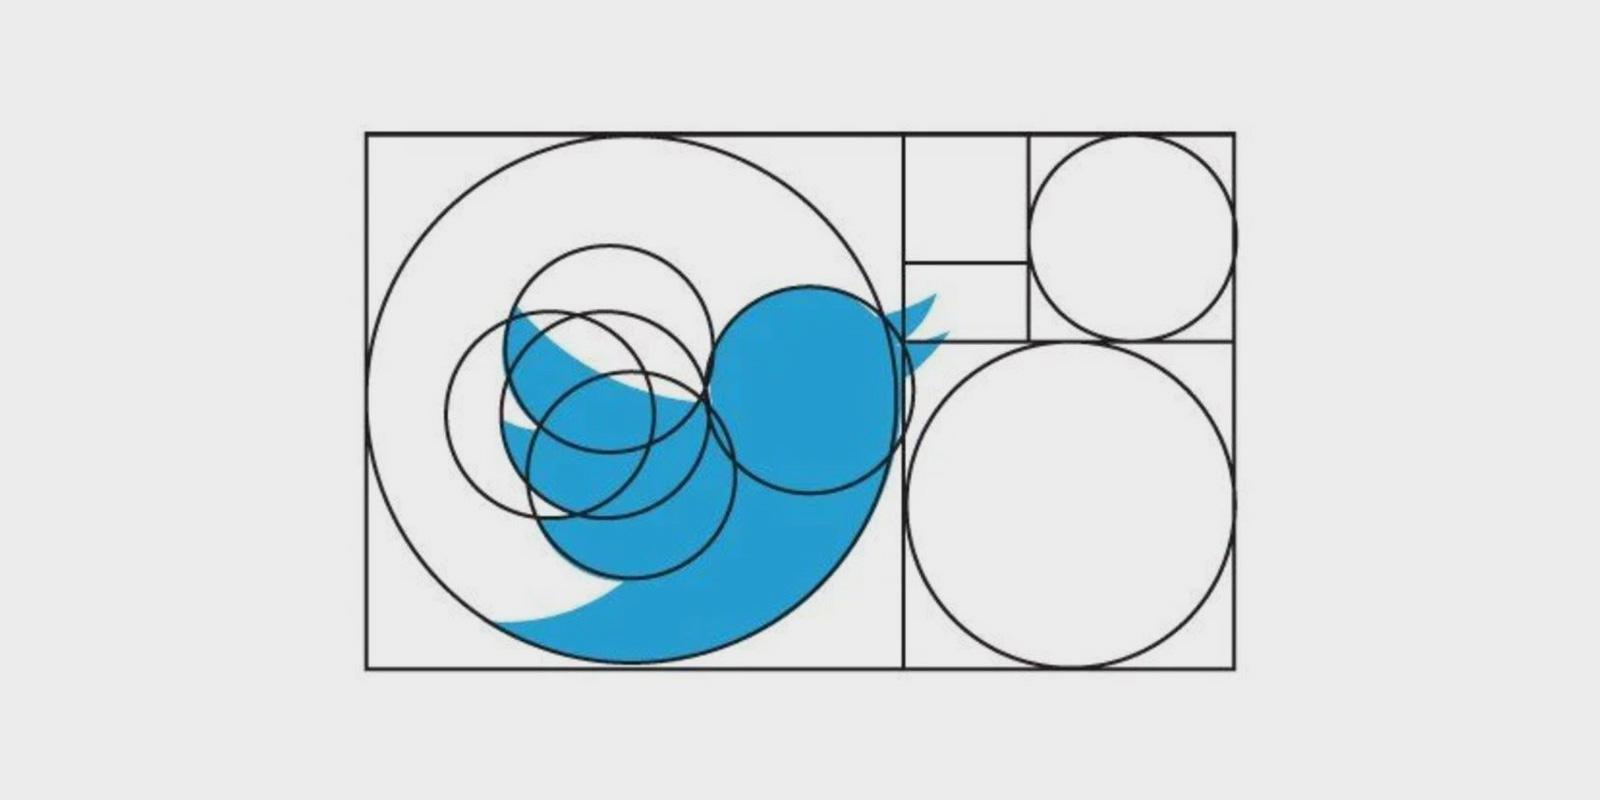 Golden Ratio Twitter